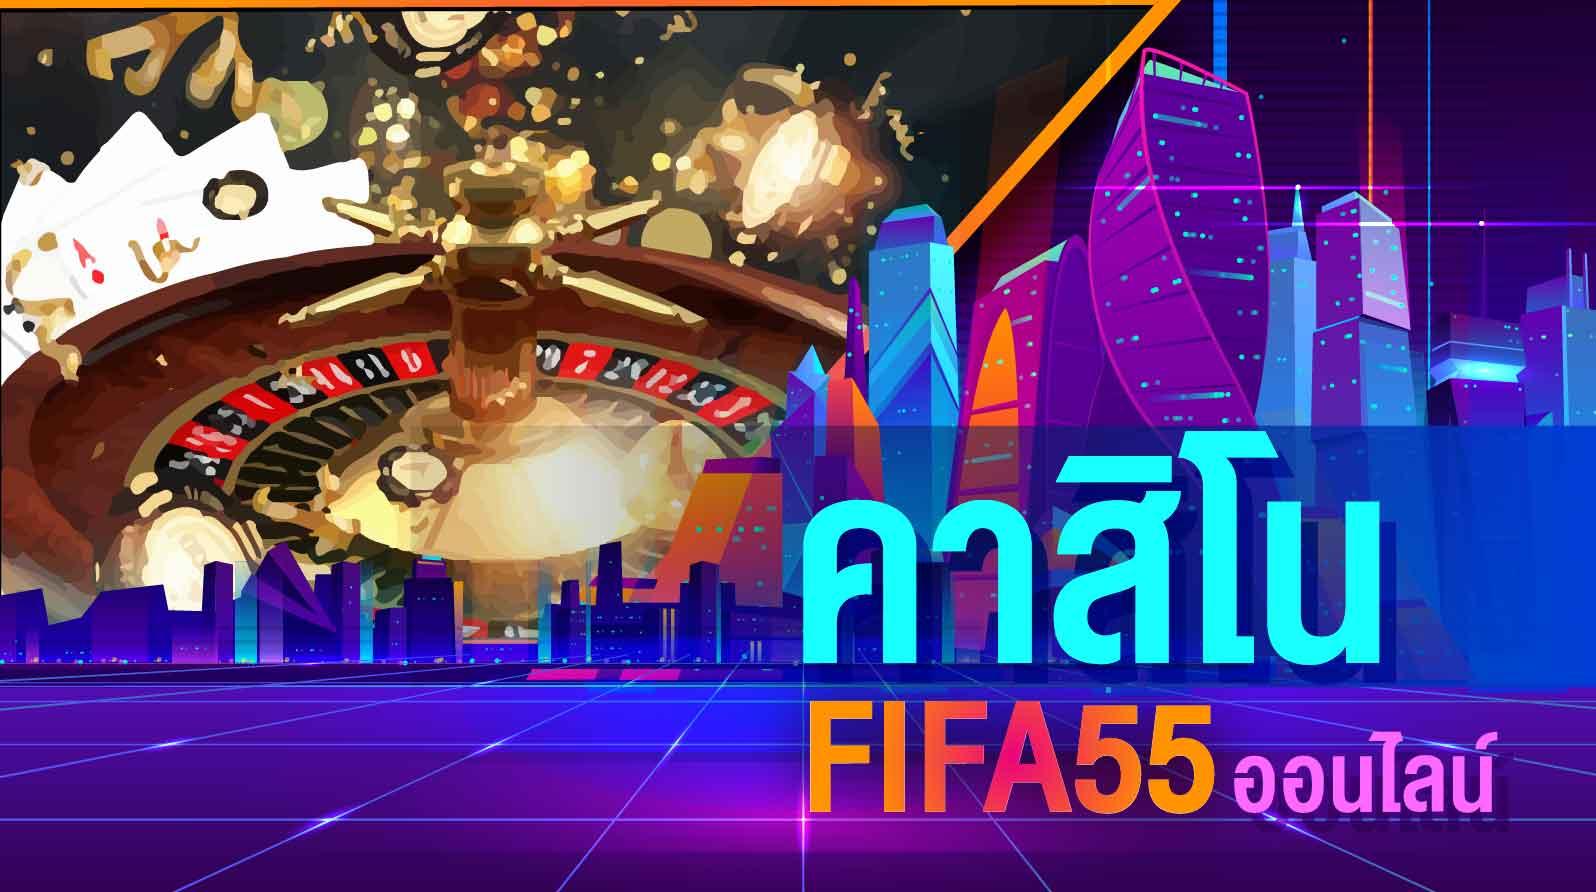 คาสิโนออนไลน์ FIFA55